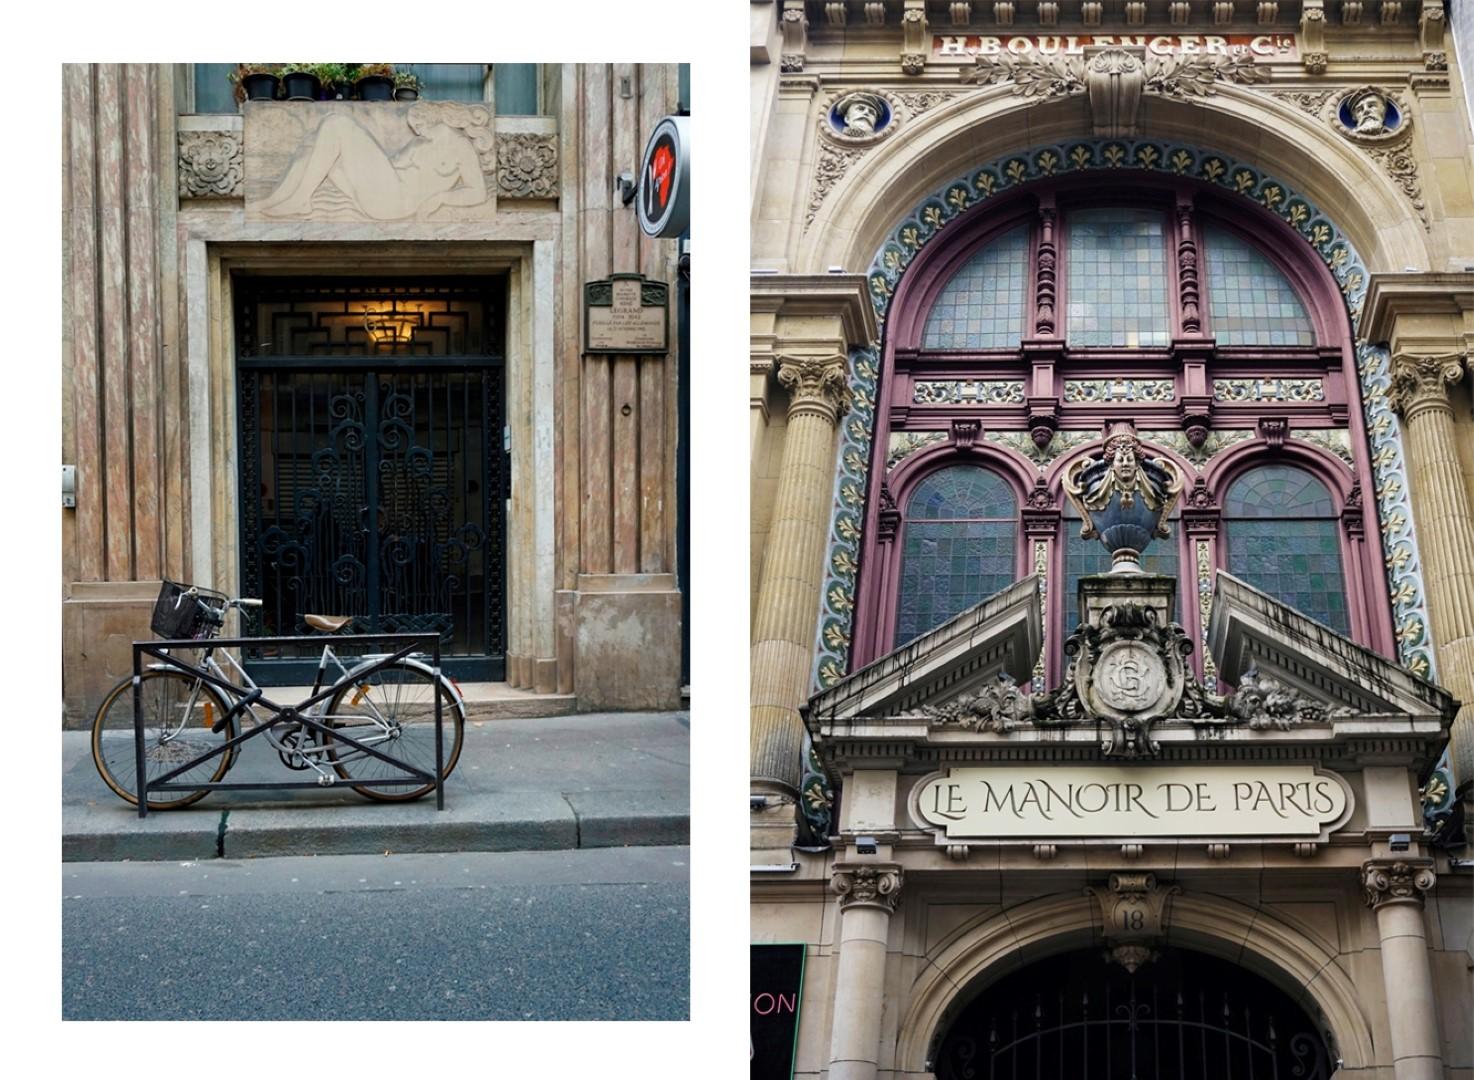 Le Manoir de Paris, rue de Paradis- Balade dans les 9e et 10e arrondissements de Paris - De place de la République à Pigalle